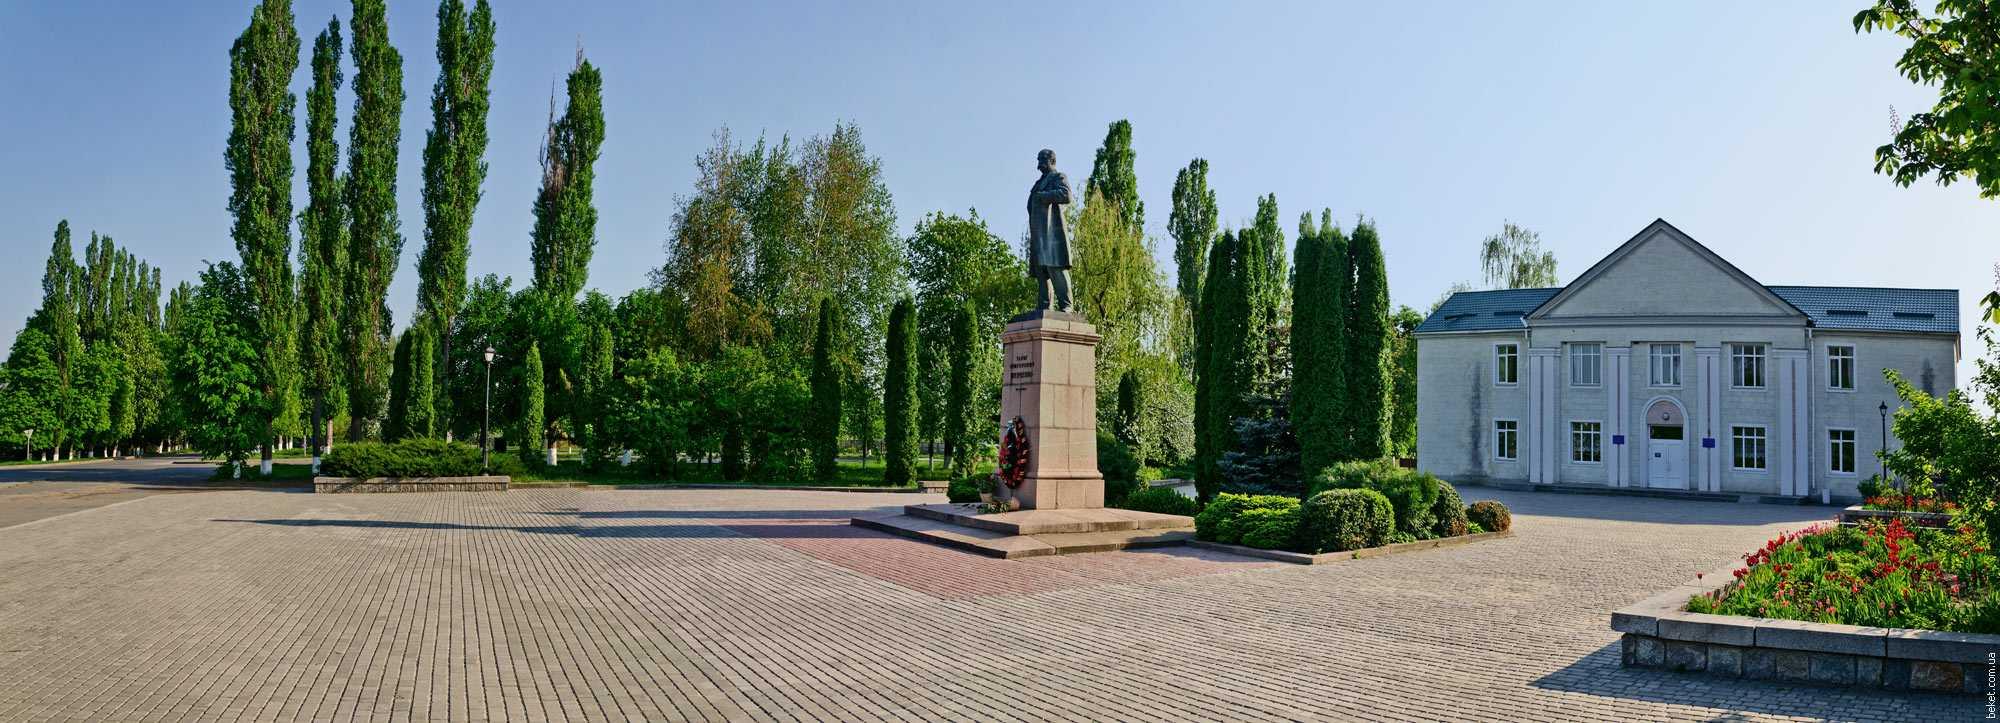 Памятник Т.Г. Шевченко возле клуба в селе Шевченково